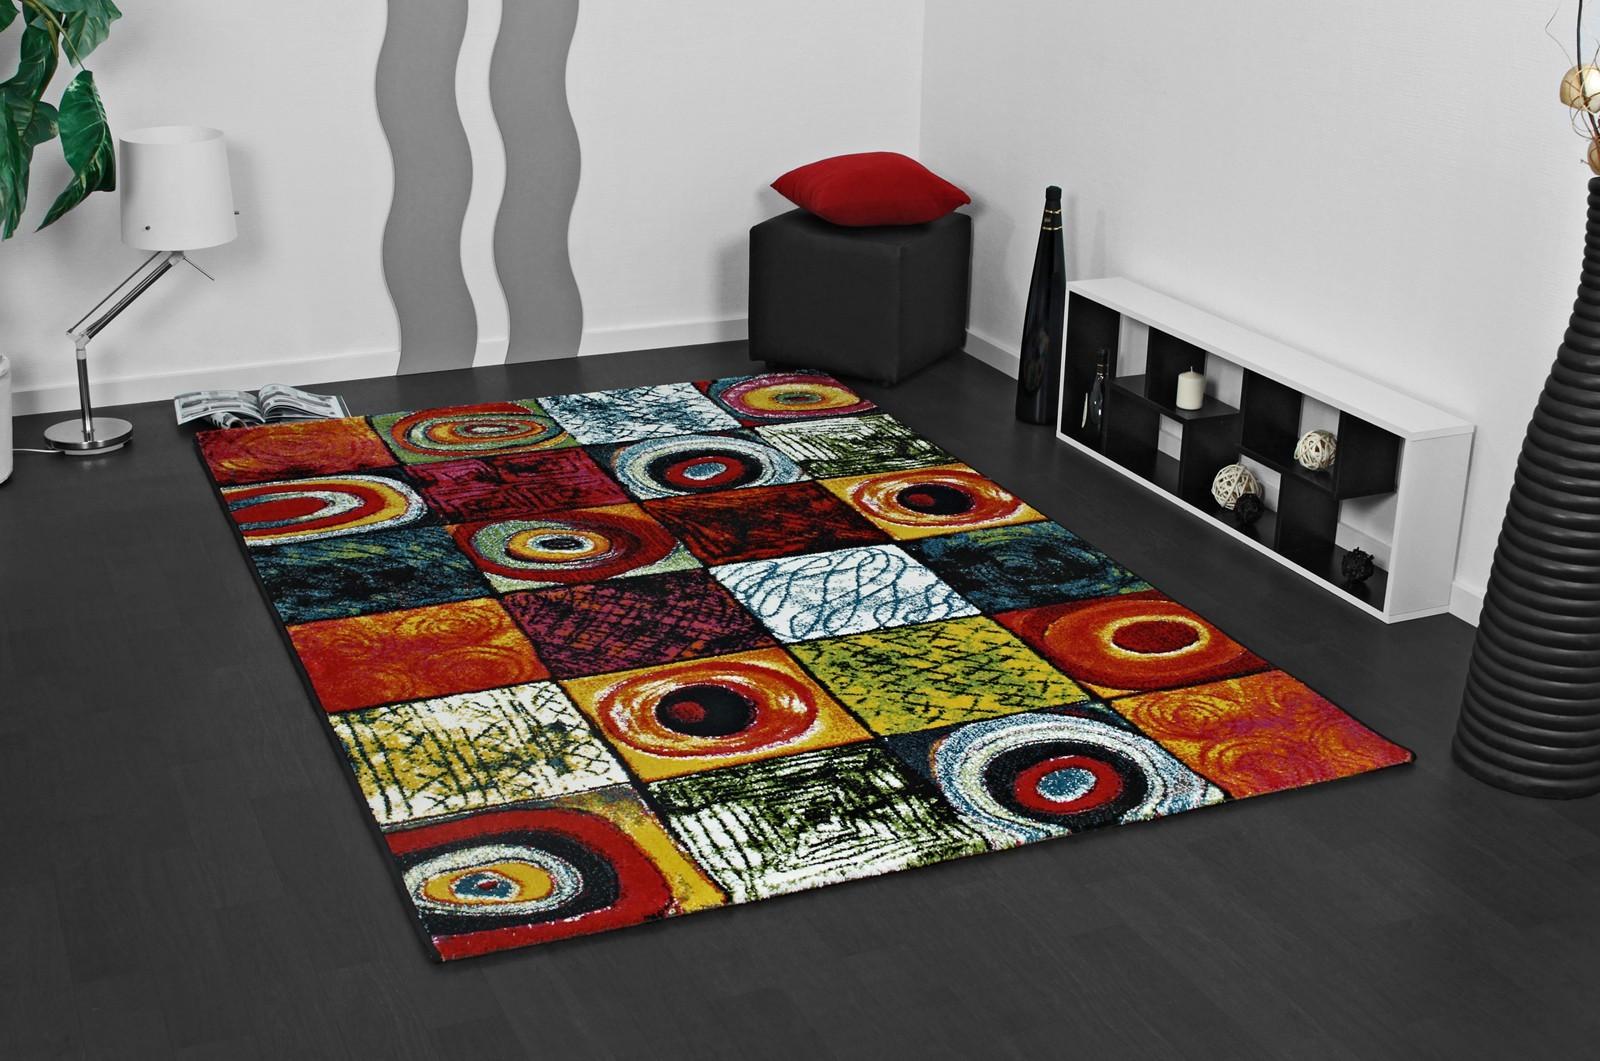 tapis designer tiss plat d coratif 100 polypropylene broth 7. Black Bedroom Furniture Sets. Home Design Ideas